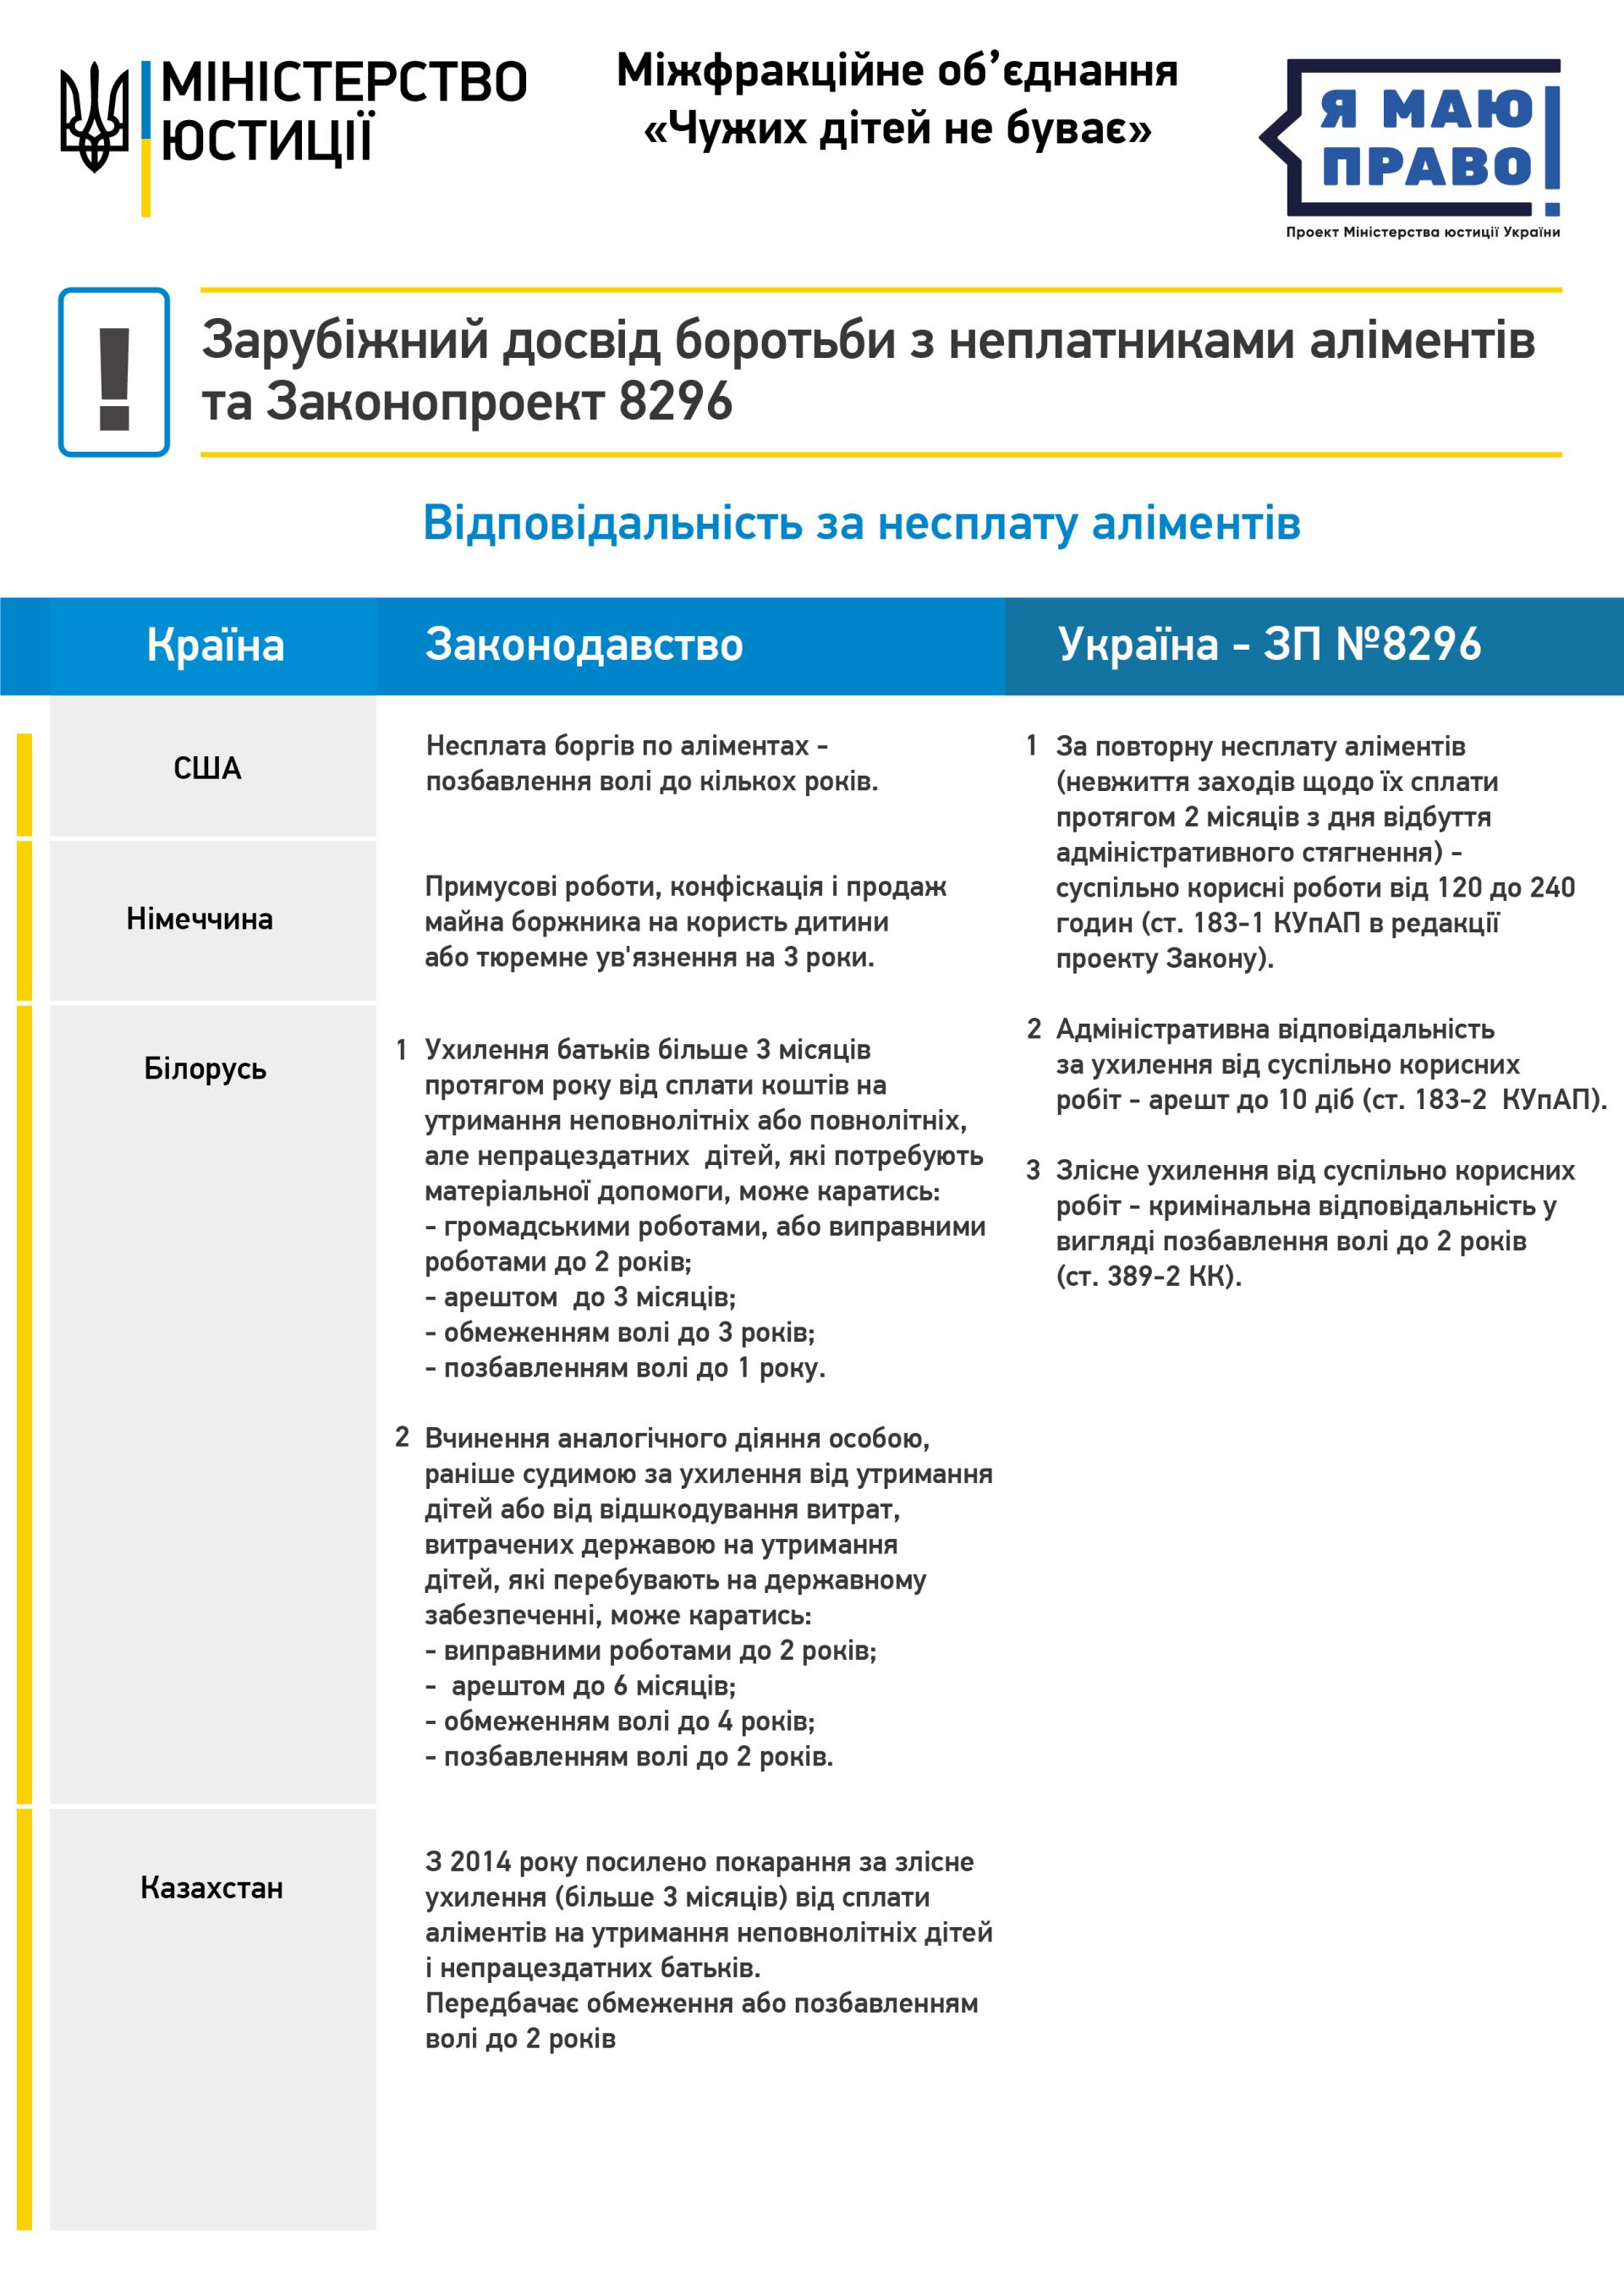 Мін'юст представив інфографіку про особливості відповідальності неплатників аліментів в зарубіжних країнах